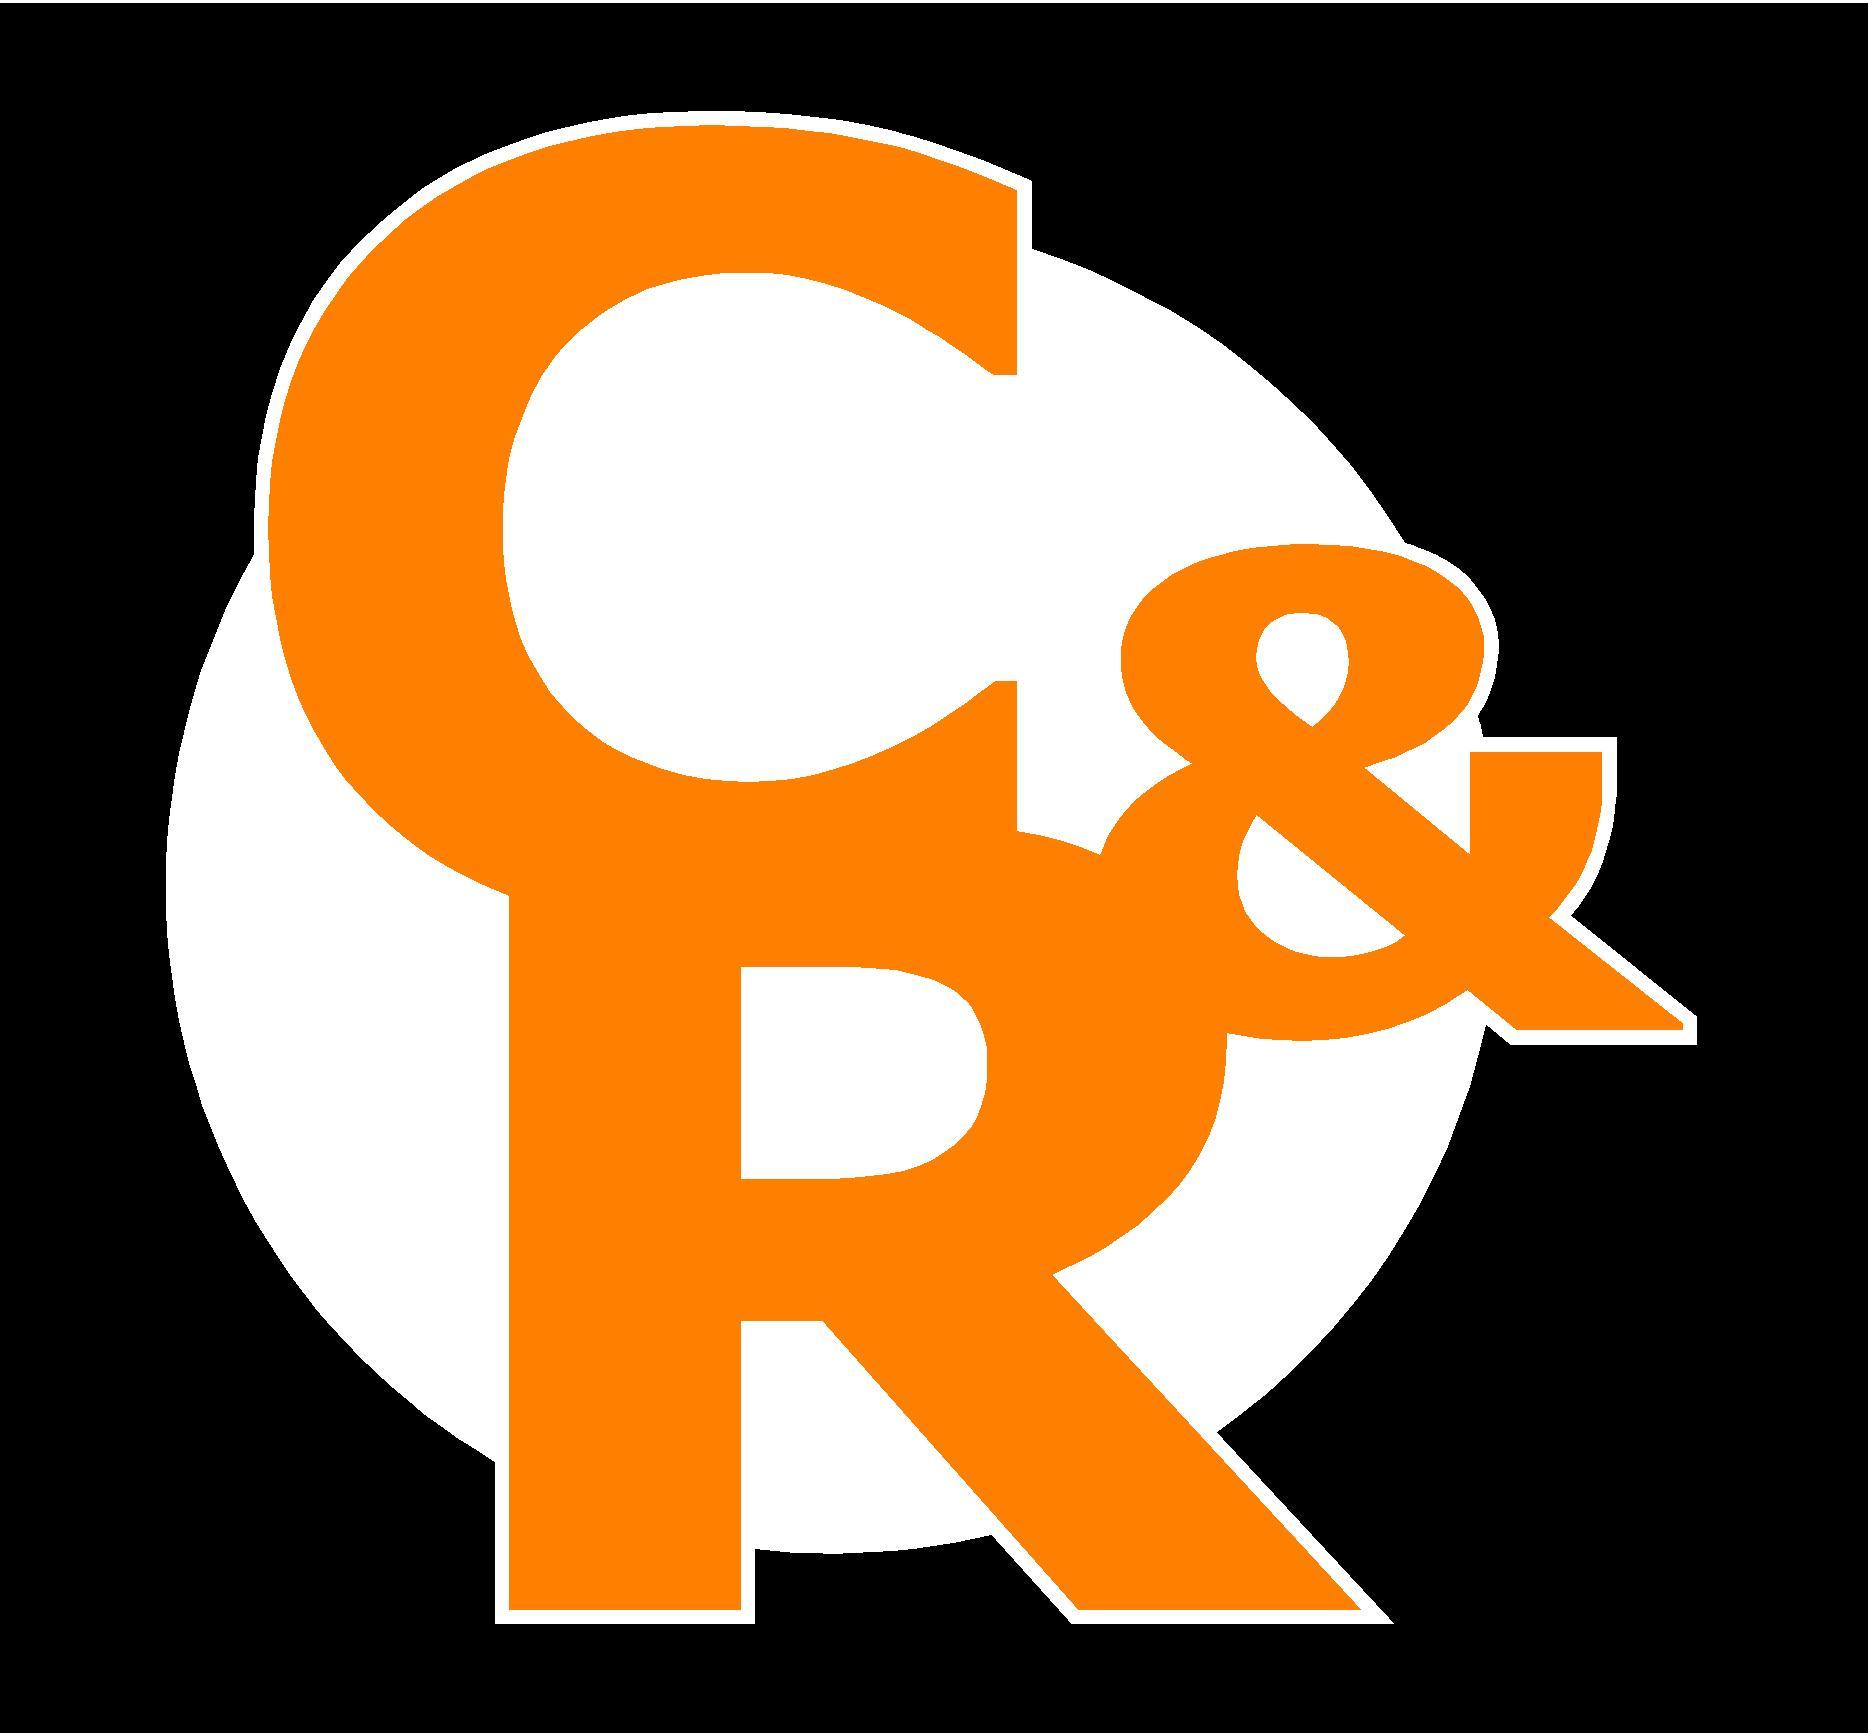 logo CR - Catala & Richart Asesores